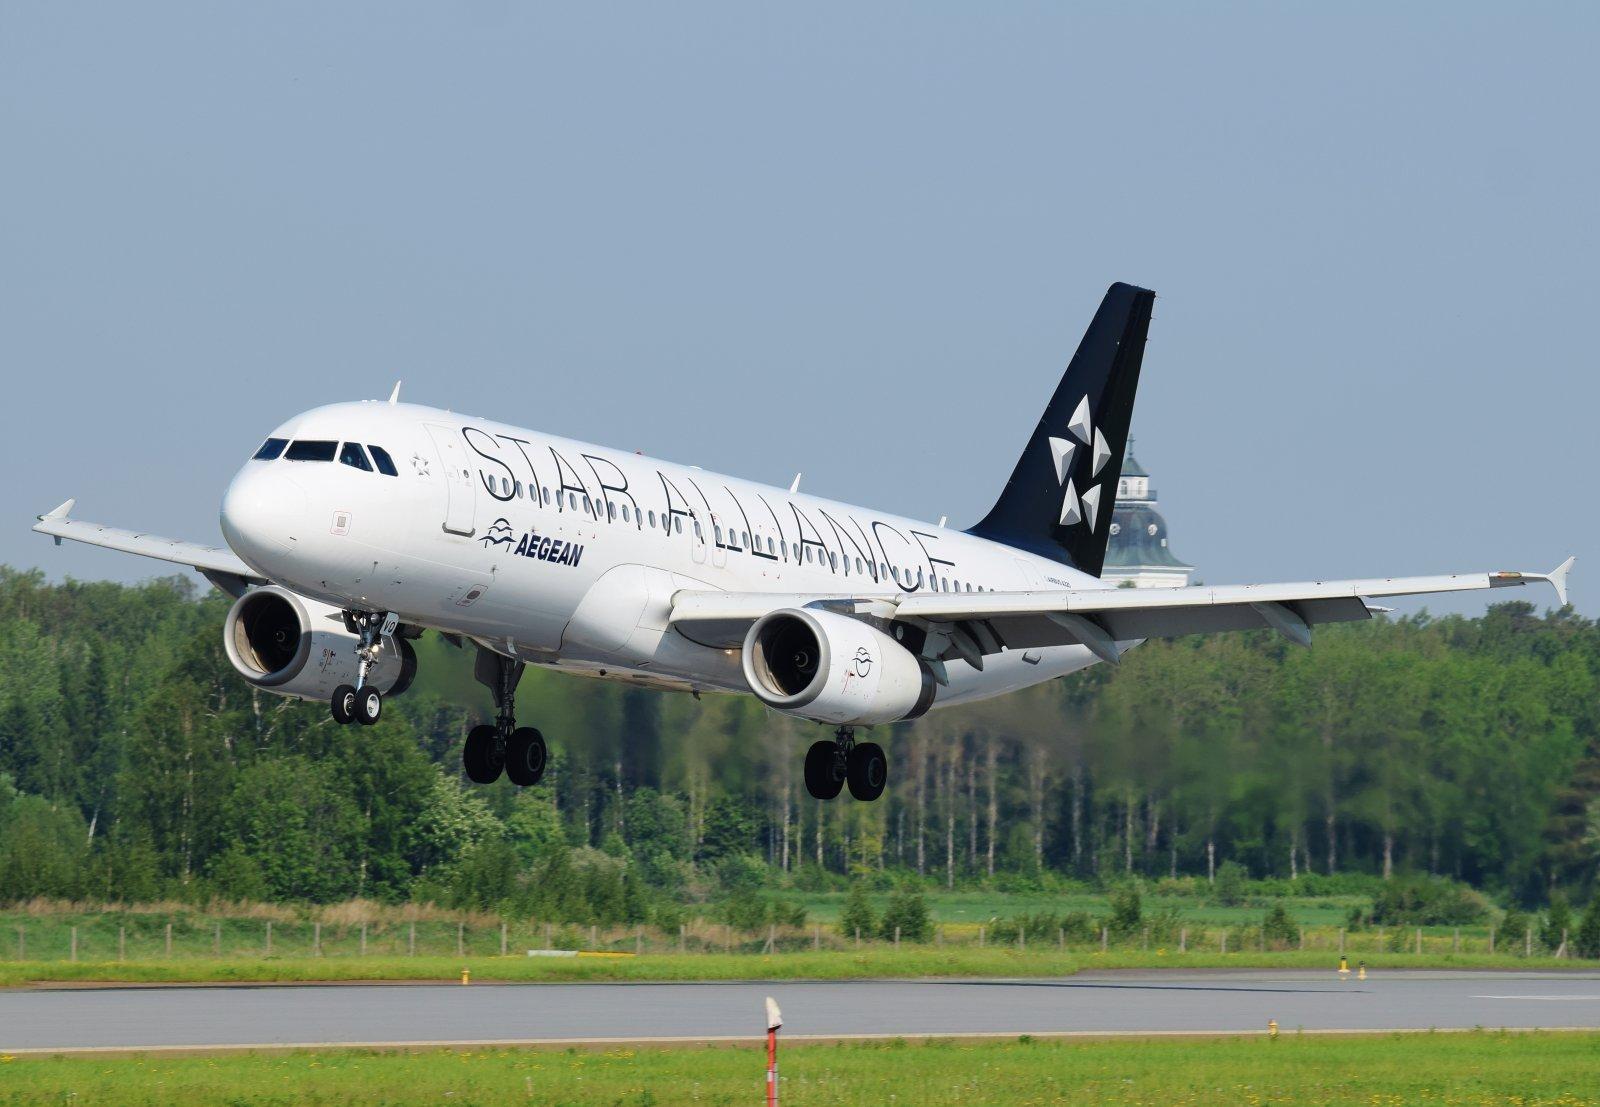 SX-DVQ - Airbus A320-232 - Aegean Airlines - 7.6.2019